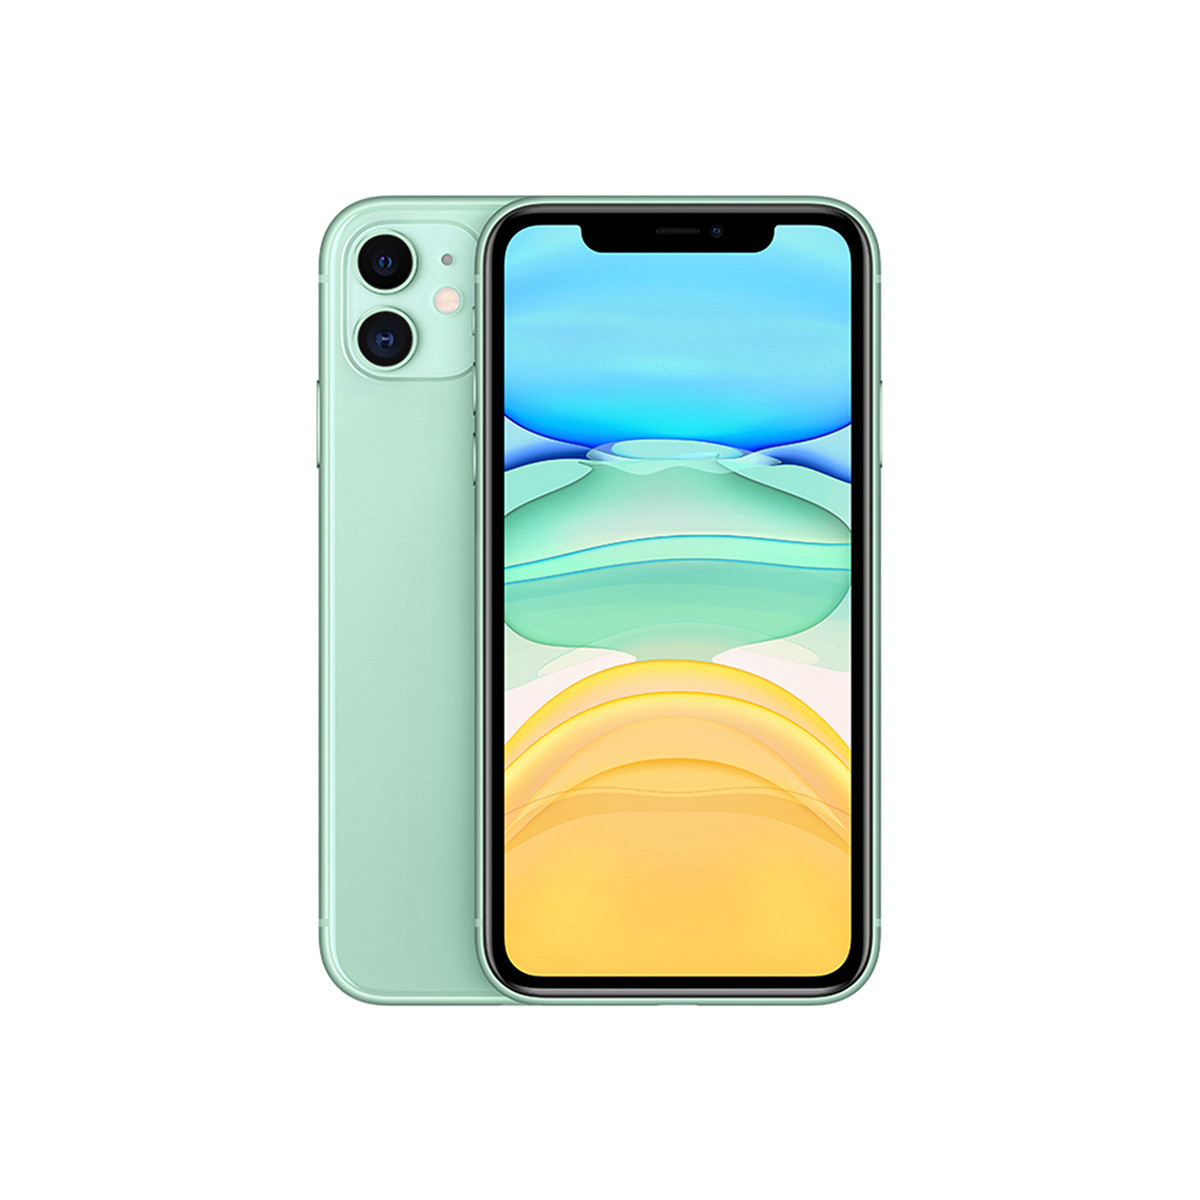 苹果iPhone 11 双卡双待 256G 全网通苹果iPhone11-256G绿